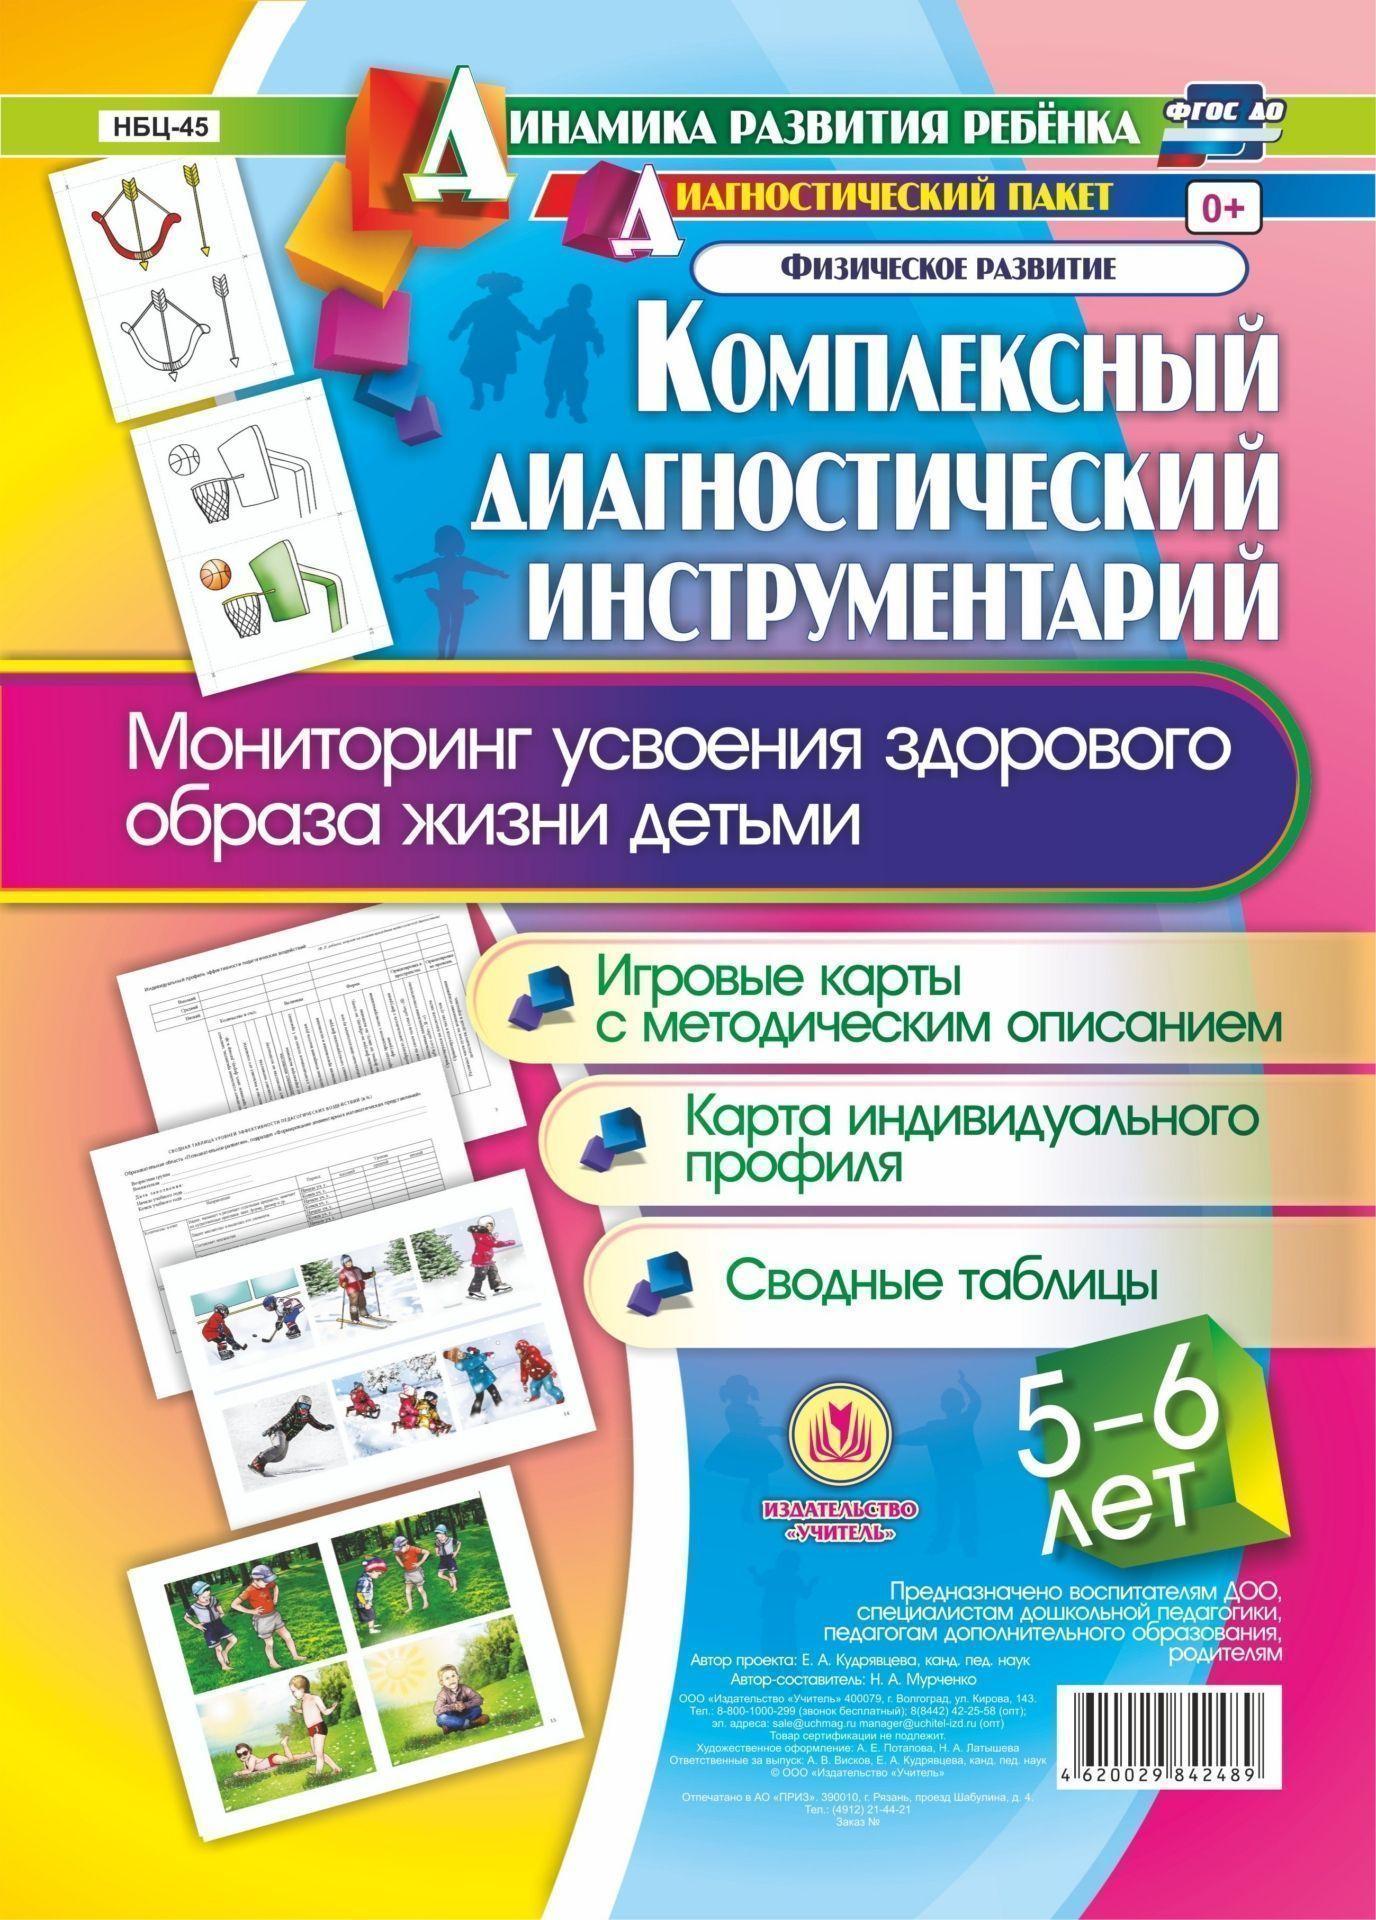 Комплексный диагностический инструментарий. Мониторинг усвоения здорового образа жизни детьми 5-6 лет. Игровые карты с методическим описанием, карта индивидуального профиля, сводные таблицыОбразовательное пространство ДОО<br>Предлагаемый полный диагностический пакет для проведения педагогического мониторинга по результатам освоения детьми 5-6 лет образовательной области Физическое развитие включает диа-гностический инструментарий (карту индивидуального профиля каждого дошко...<br><br>Авторы: Мурченко Н. А.<br>Год: 2017<br>Серия: Динамика развития ребенка. Диагностический пакет образовательной области Физическое развитие<br>Высота: 297<br>Ширина: 210<br>Переплёт: набор